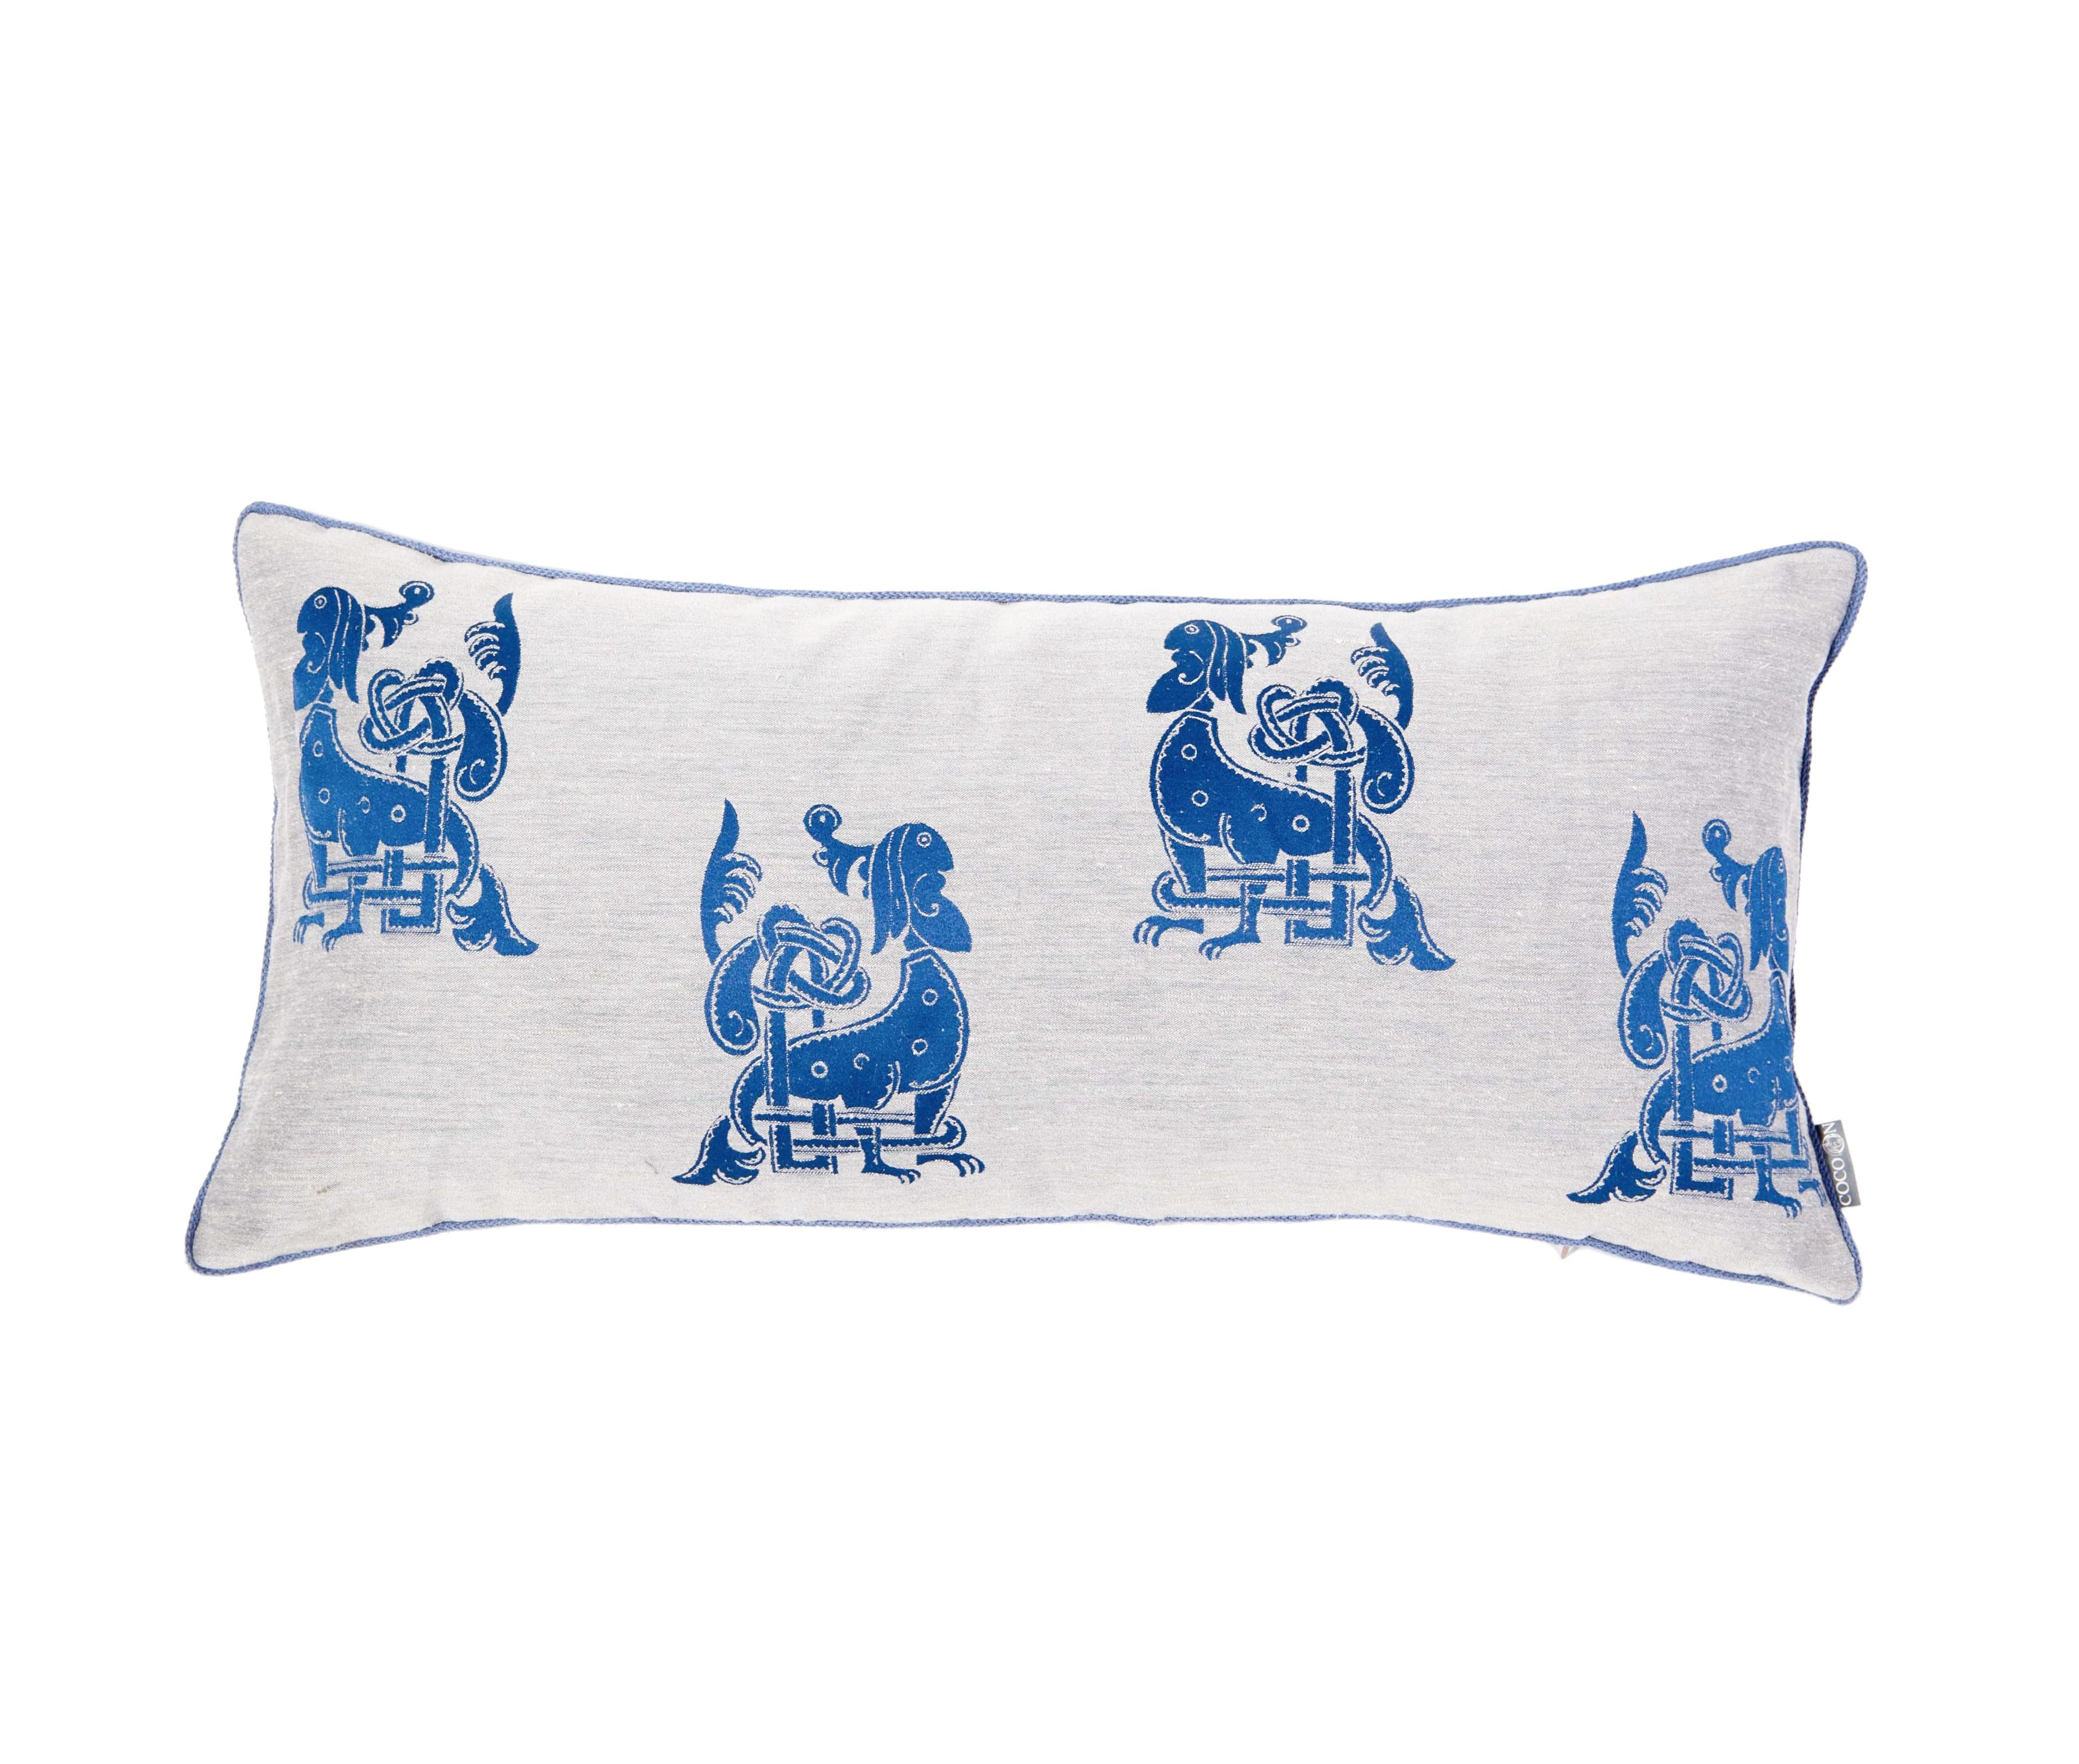 Подушка СобакиПрямоугольные подушки и наволочки<br>Орнамент, украшающий эту подушку, создан по мотивам древнерусской книжной миниатюры. На фоне из натурального льна изображен темно-синий чудо-зверь с мужской головой, собачьими лапами и ветвистым хвостом. Наполнитель 100% синтепух высшего сорта.<br><br>Material: Лен<br>Ширина см: 75<br>Высота см: 35